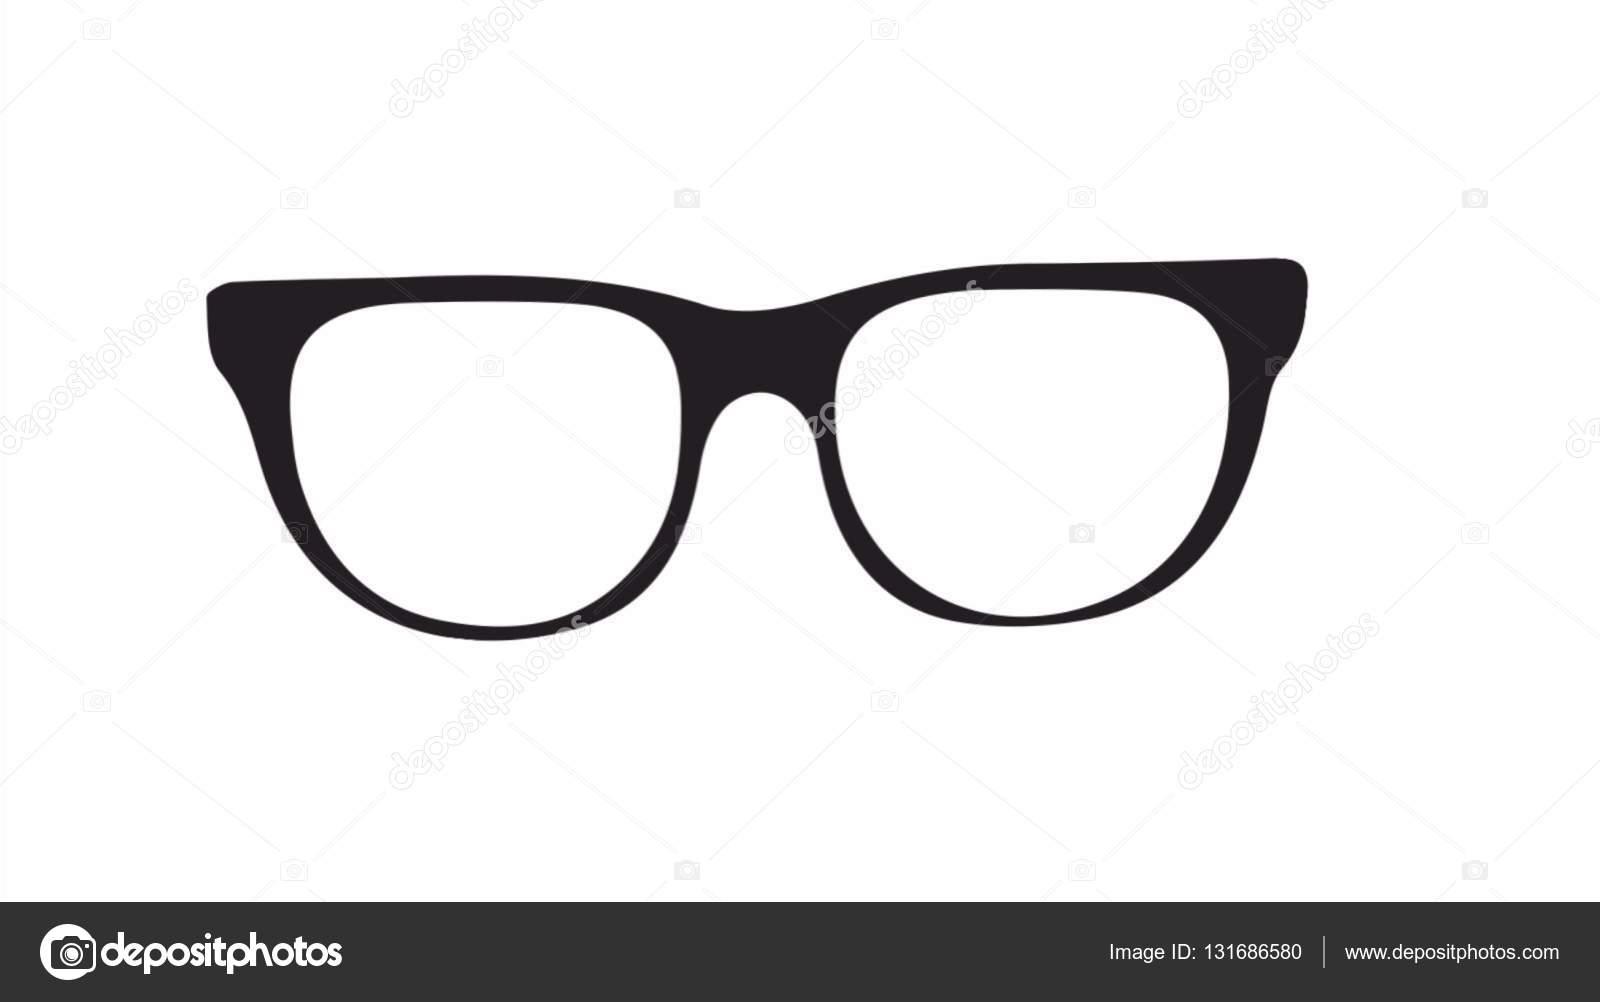 d54e6c19773b86 Gläser in schwarz und weiß. Silhouette für Websites und Blogs.  Illustrationskunst und design — Foto von retrotehnica.gmail.com